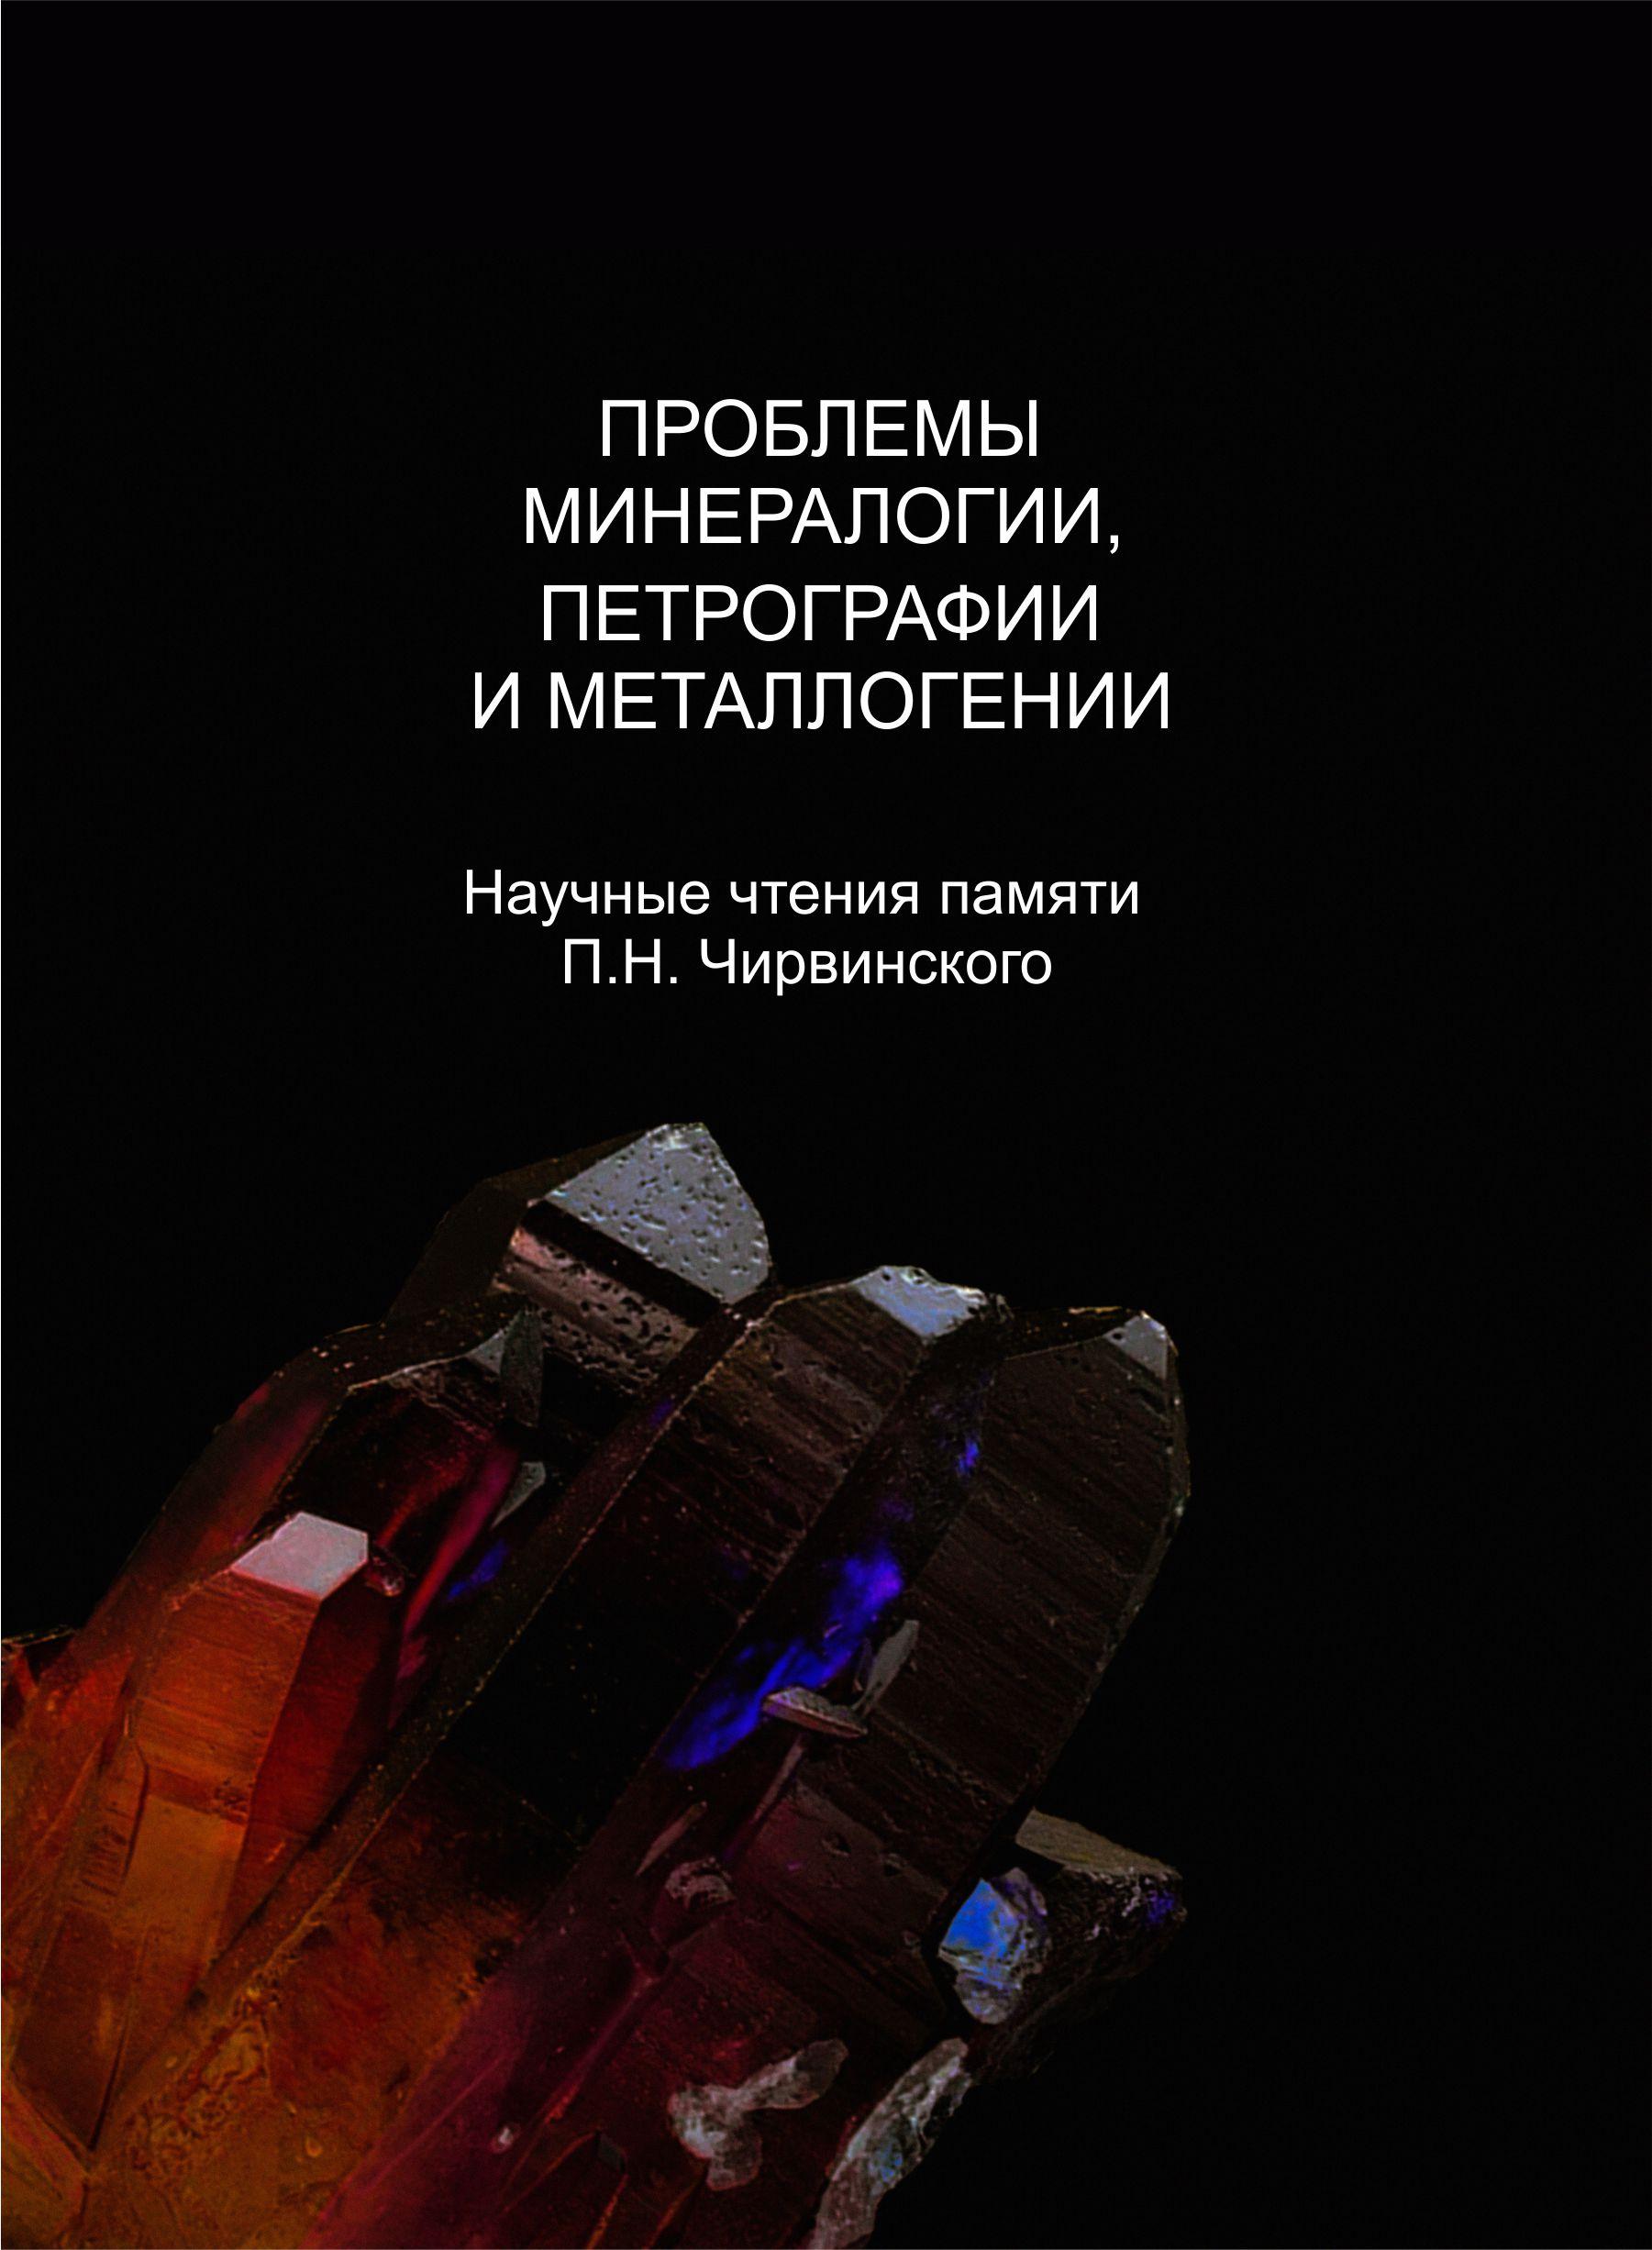 Проблемы минералогии, петрографии и металлогении. Научные чтения памяти П.Н. Чирвинского